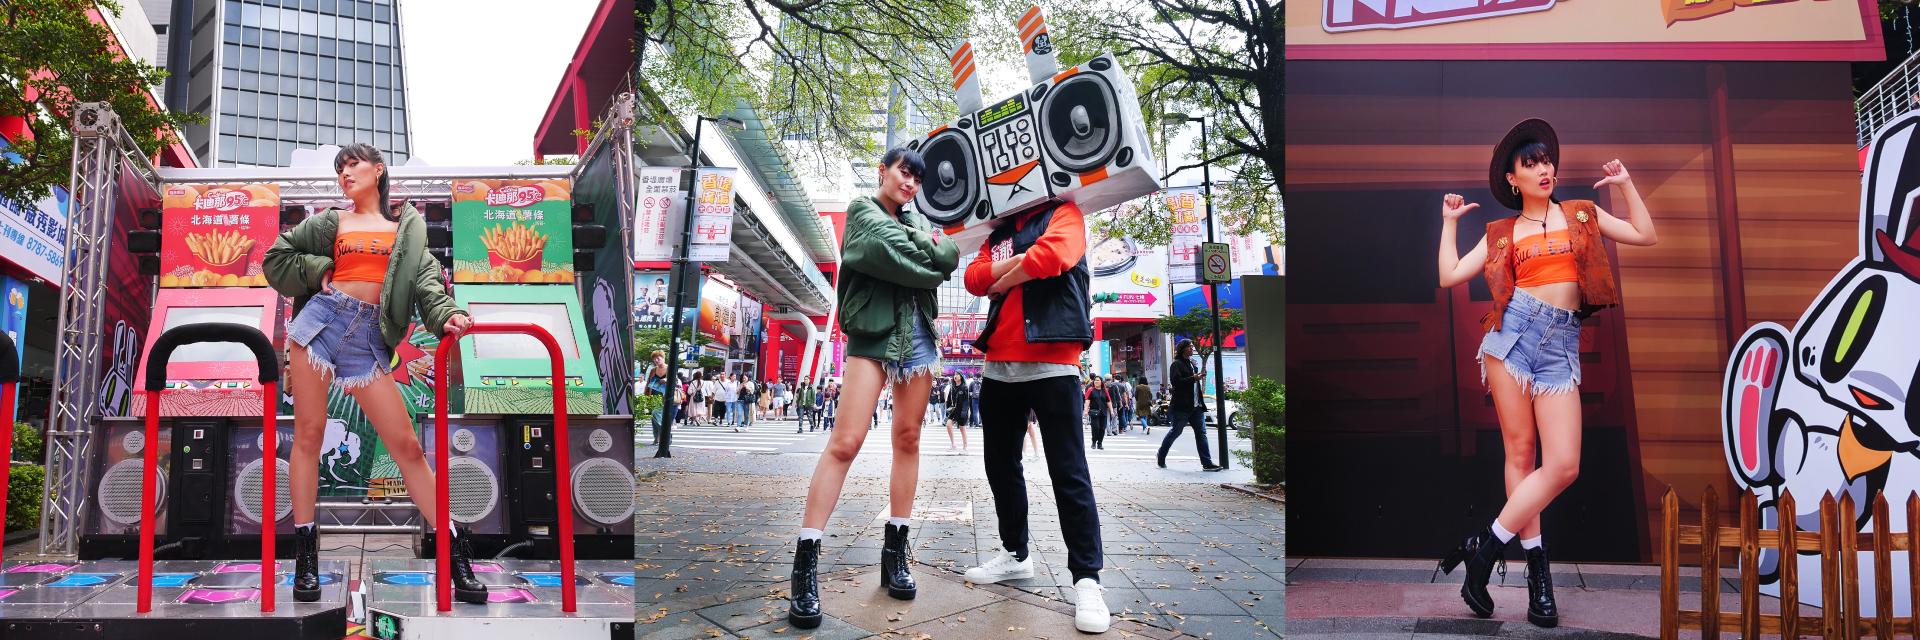 街舞怎麼尬零食?JUKSY 全揭露「卡廸那蹦跳派對街舞賽」超精彩現場,整個信義區都躁起來了!